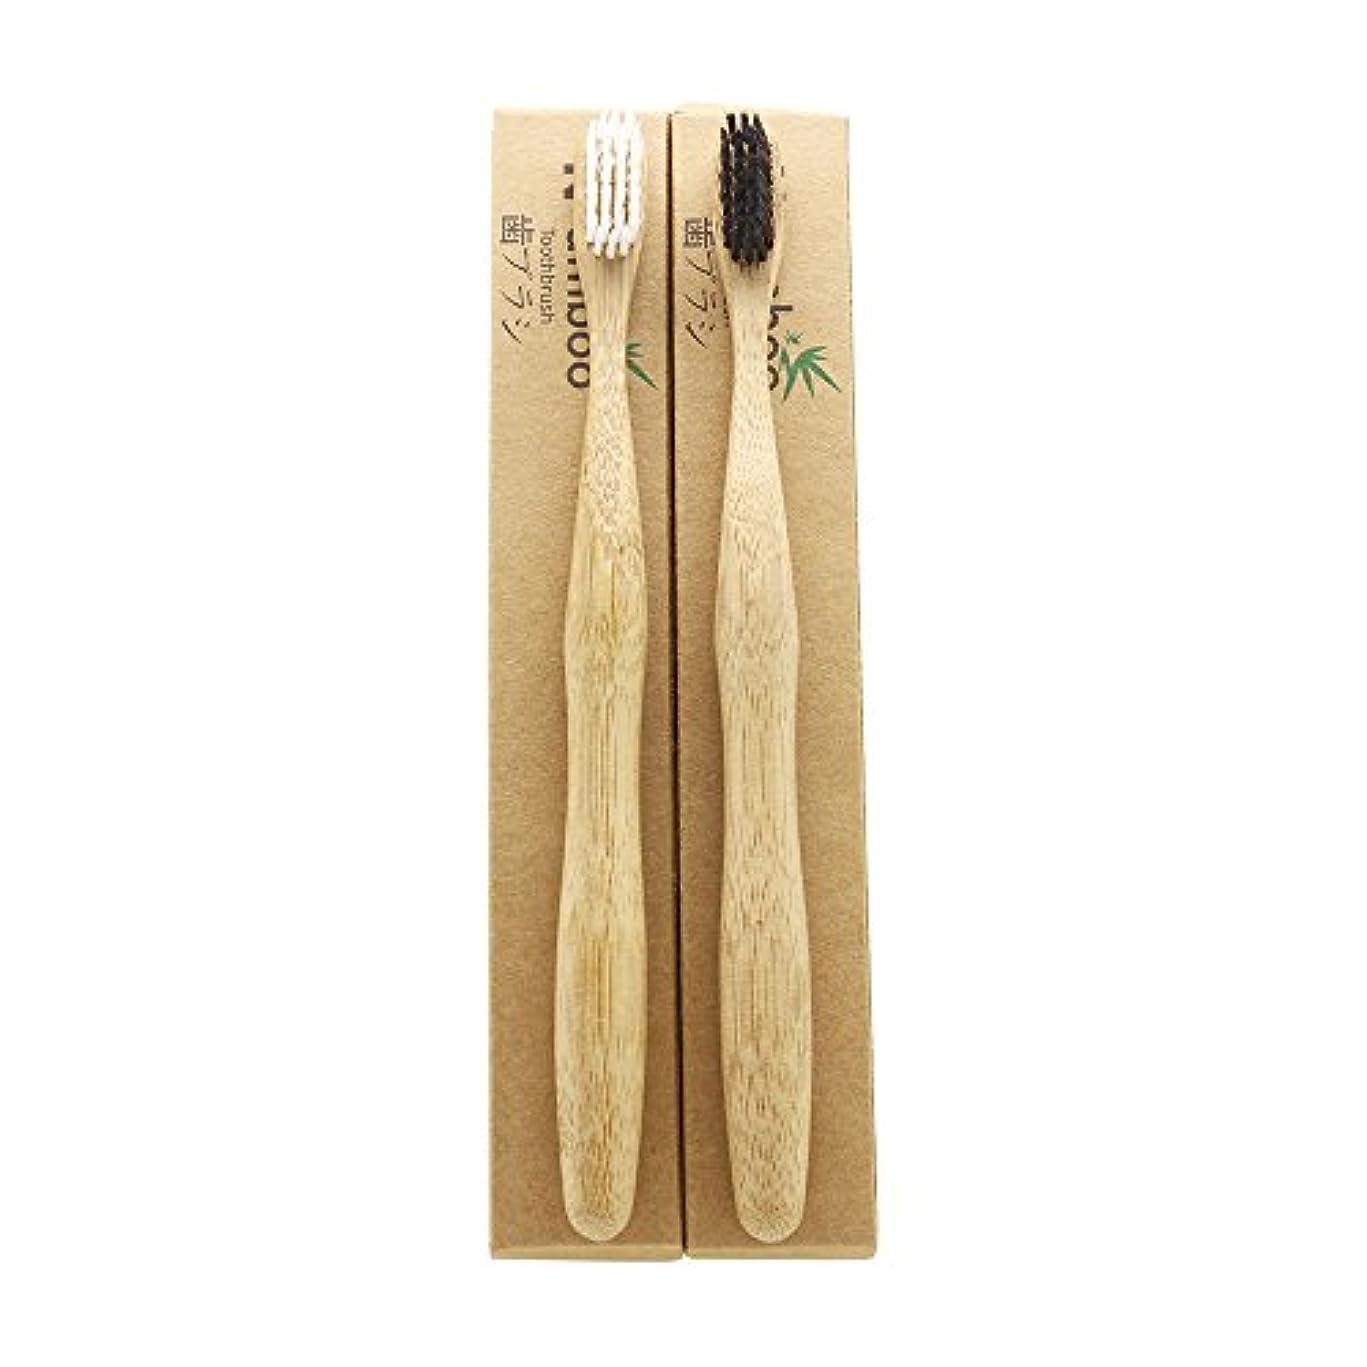 クレア受賞魅了するN-amboo 竹製 歯ブラシ 高耐久性 白と黒 セット エコ  (2本)